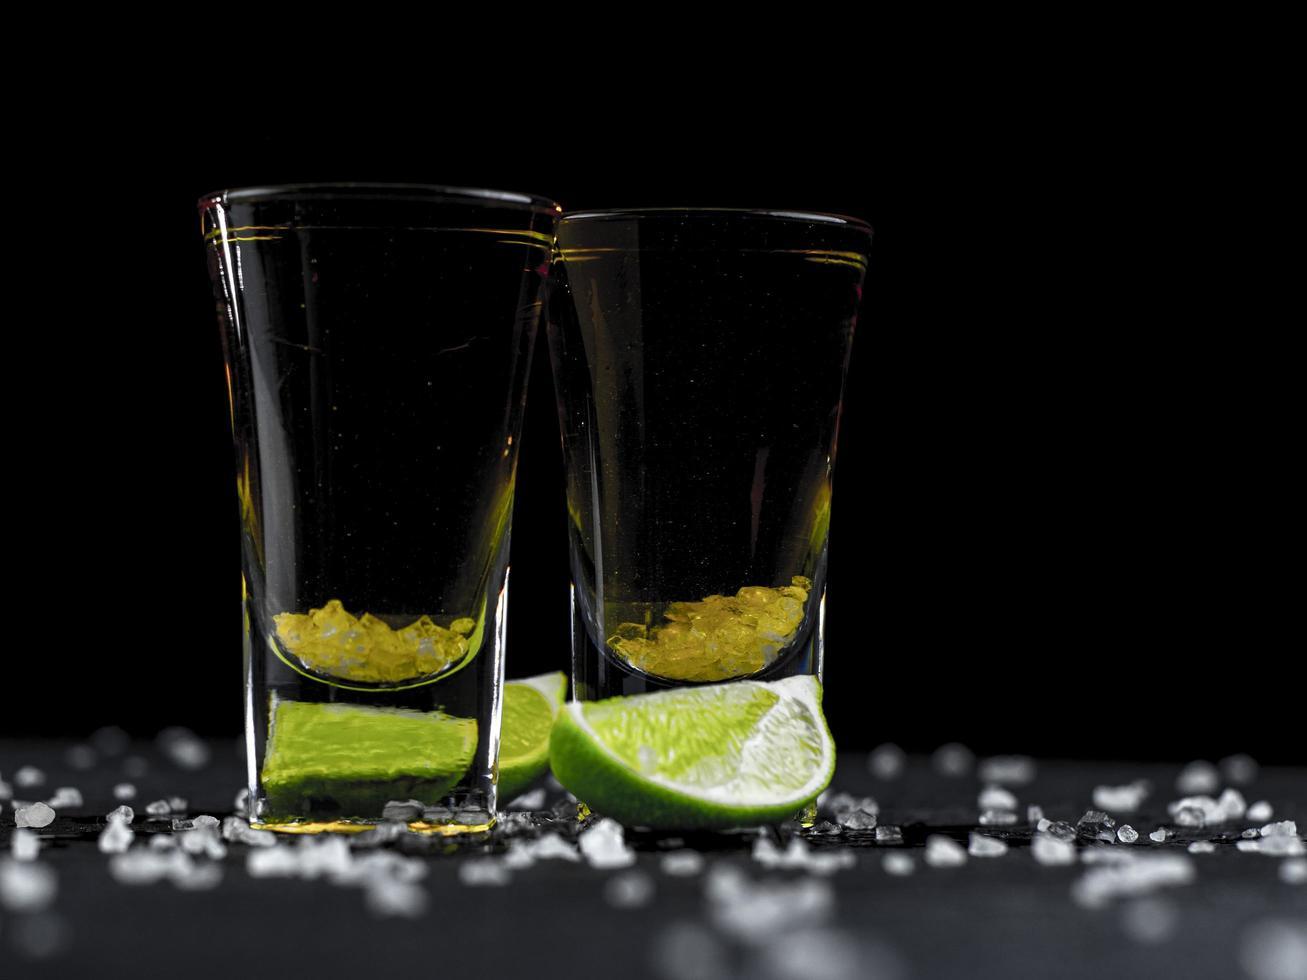 twee shots tequila goud met limoen foto